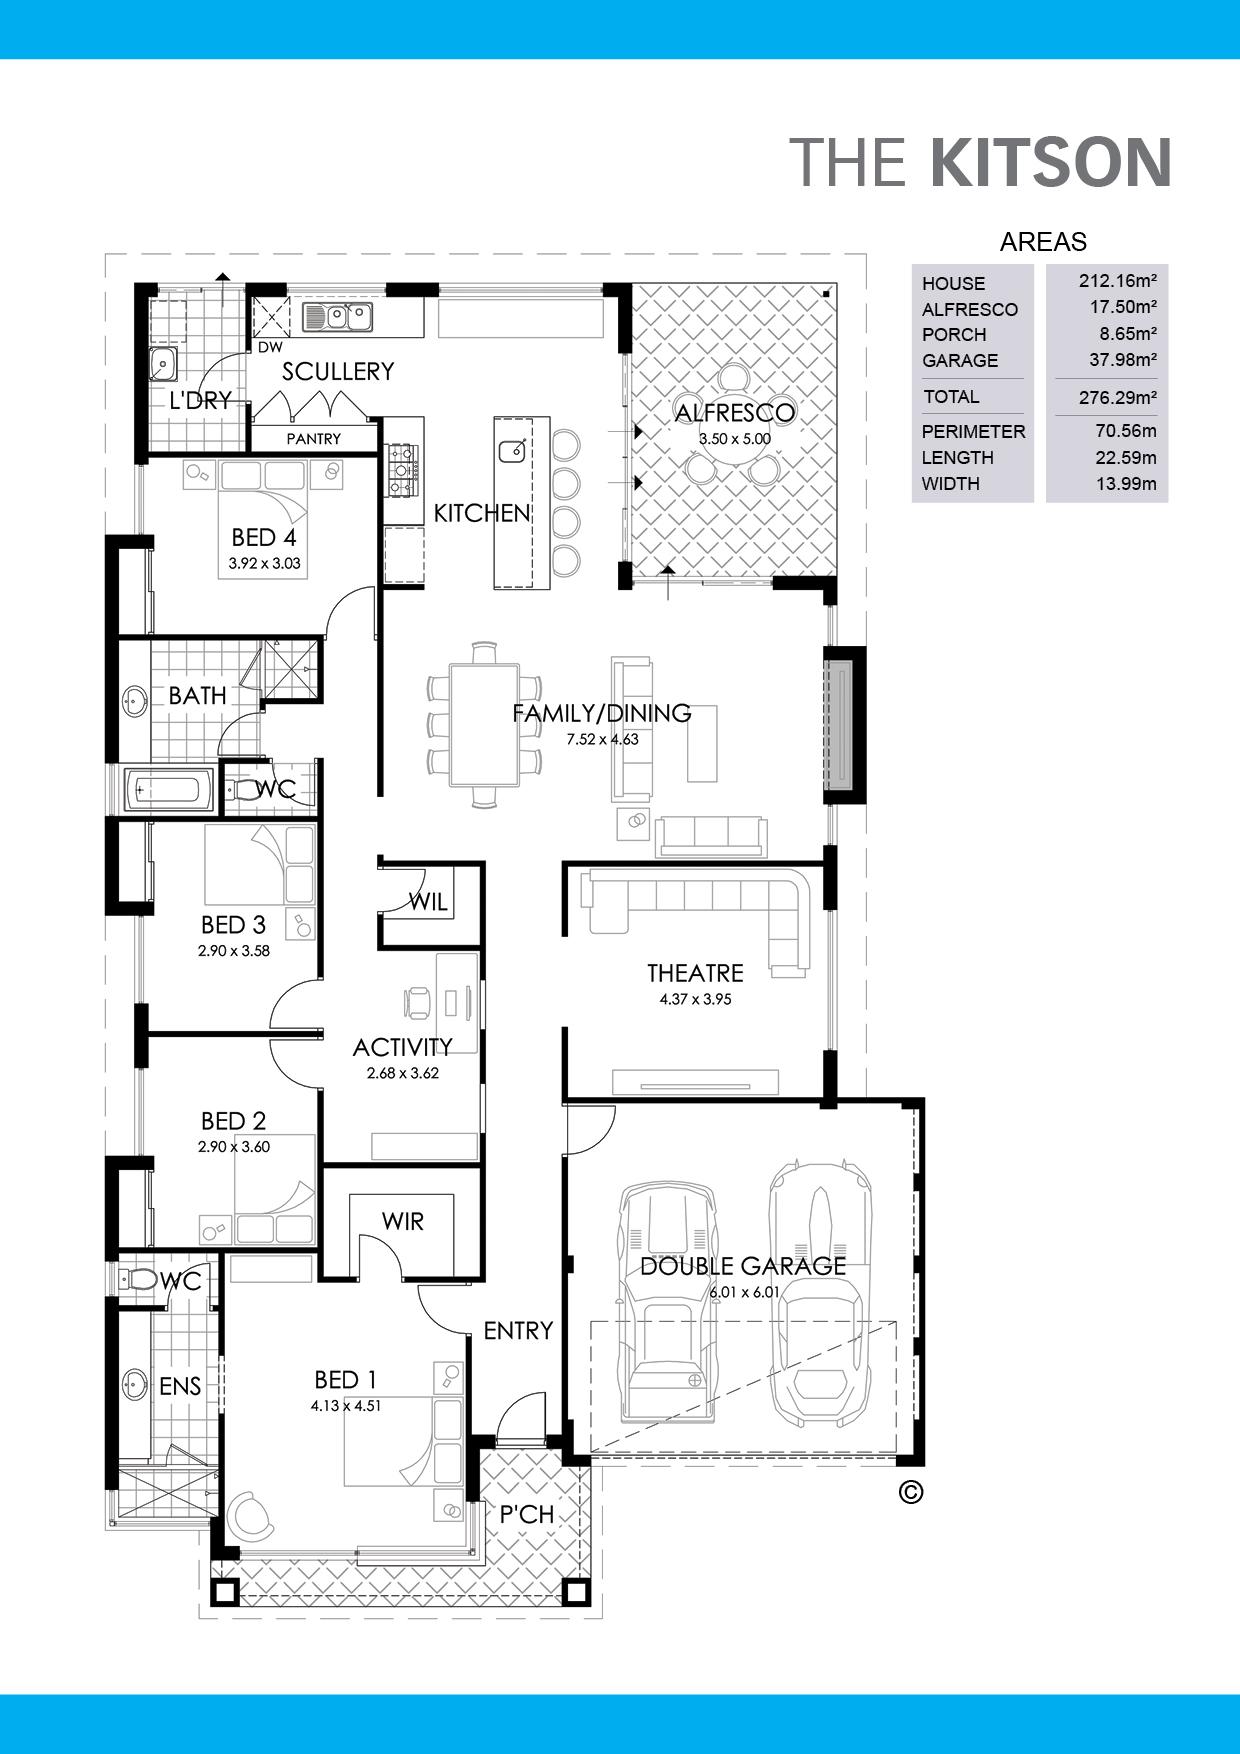 The Kitson Floorplan